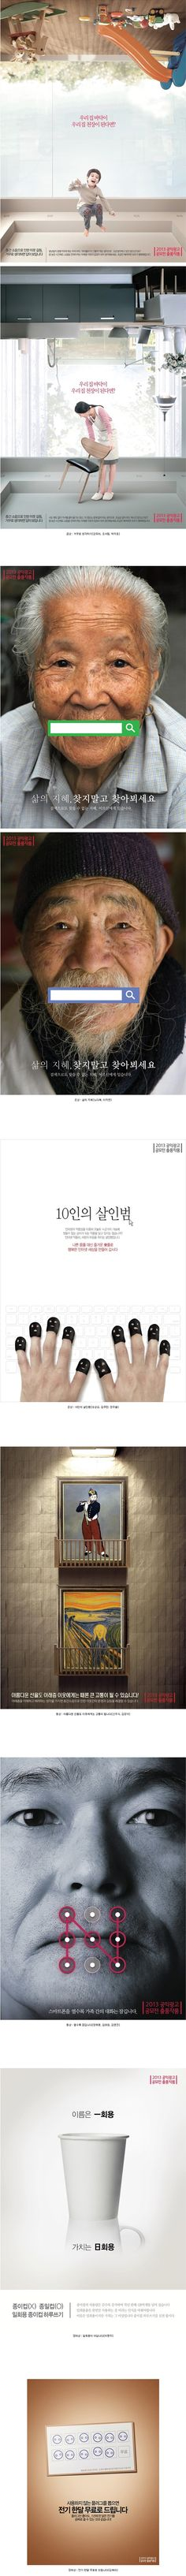 2013 공익광고제 수상작들.jpg